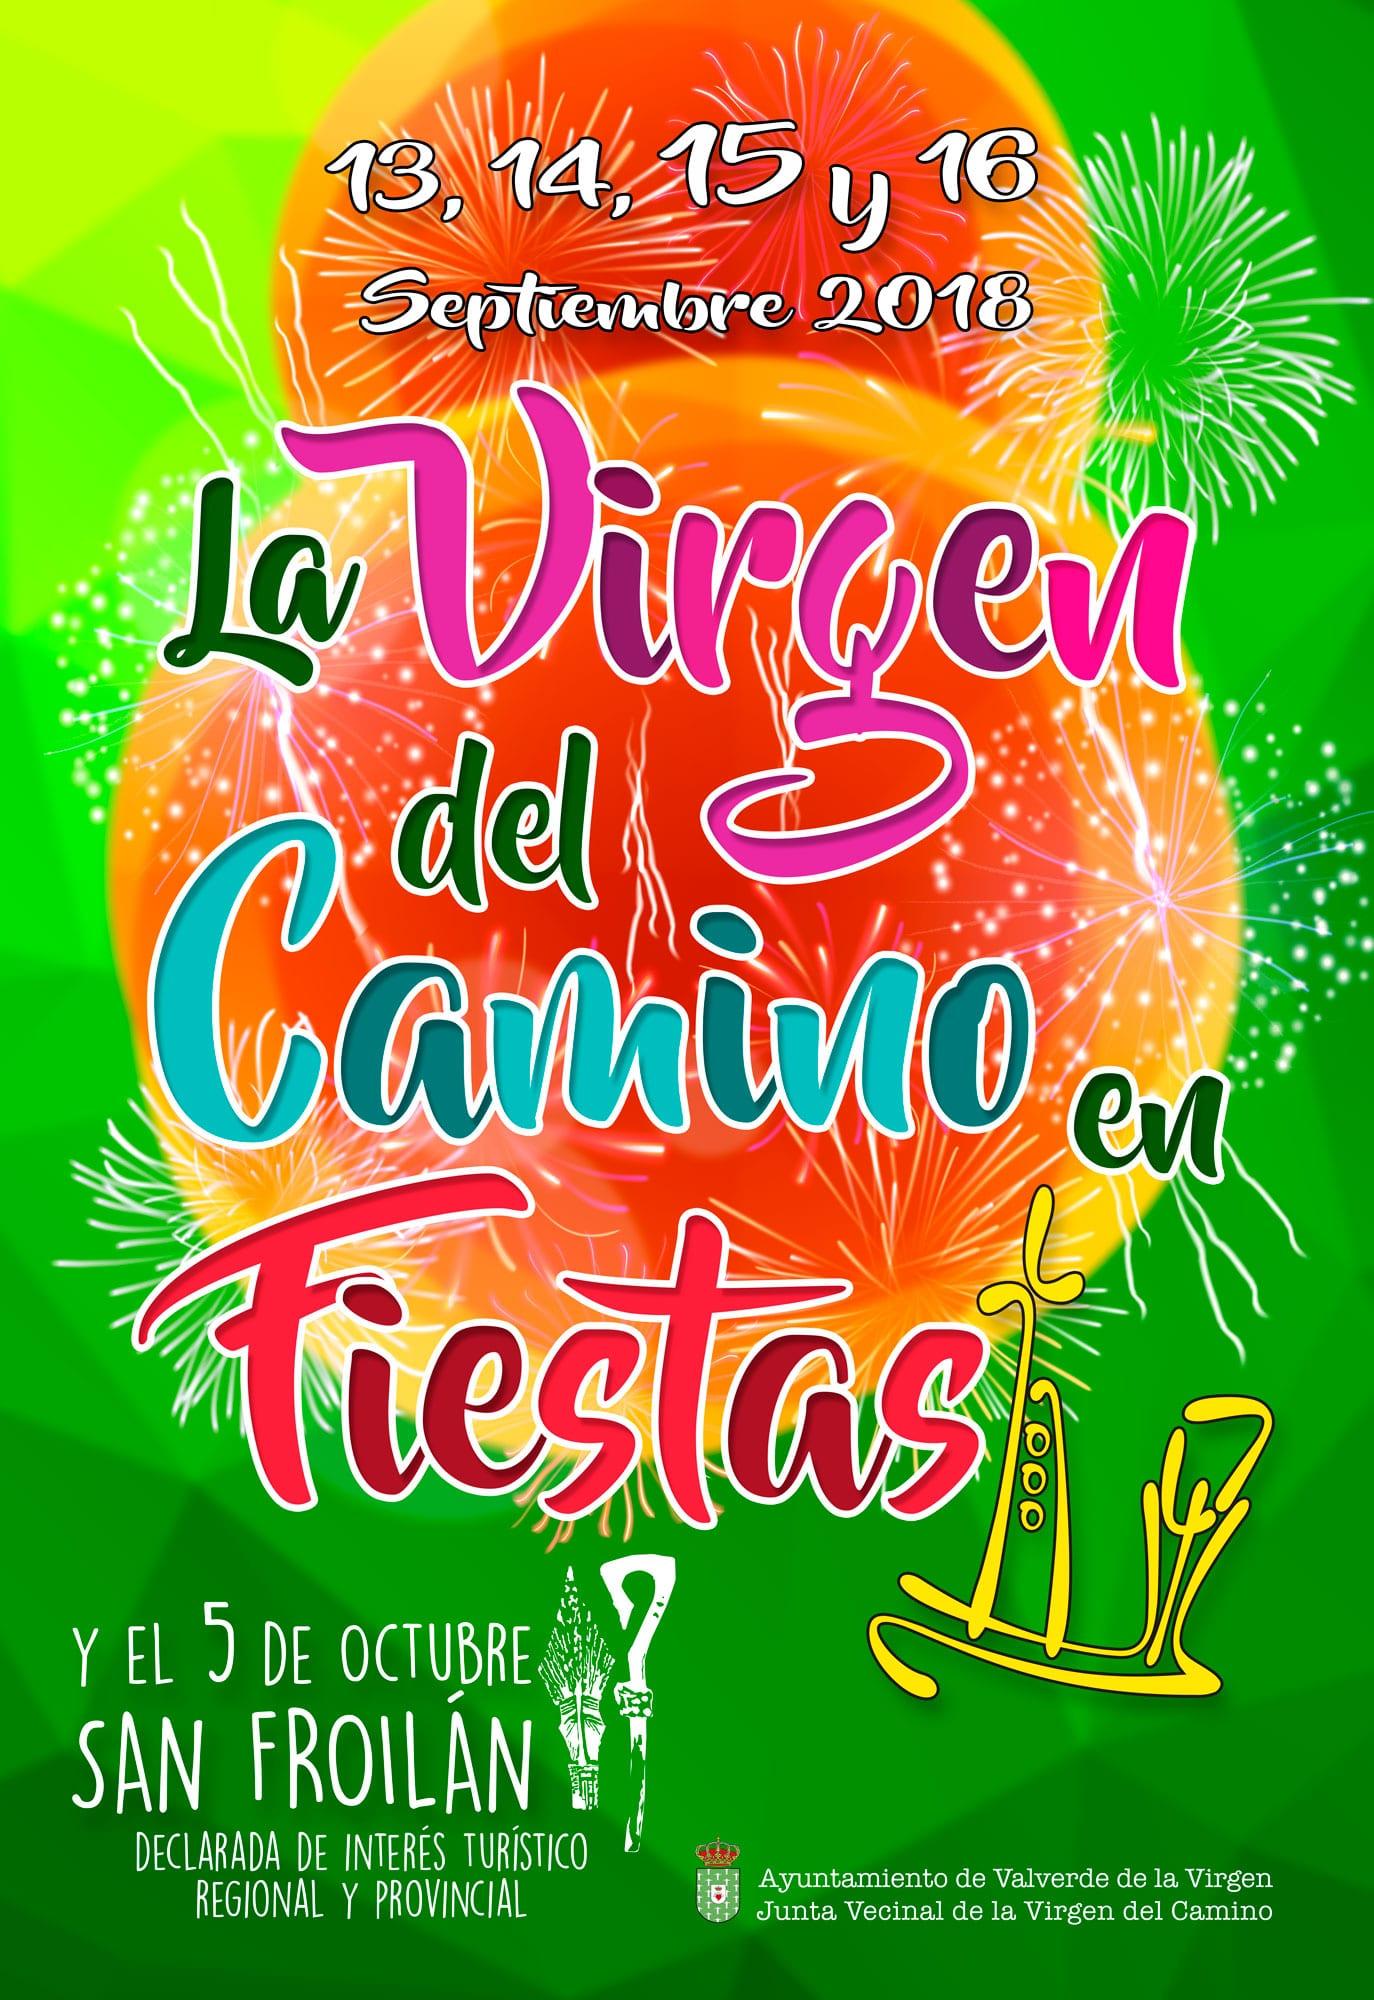 fiestas la virgen 2018 - 13- 14- 15 - 16